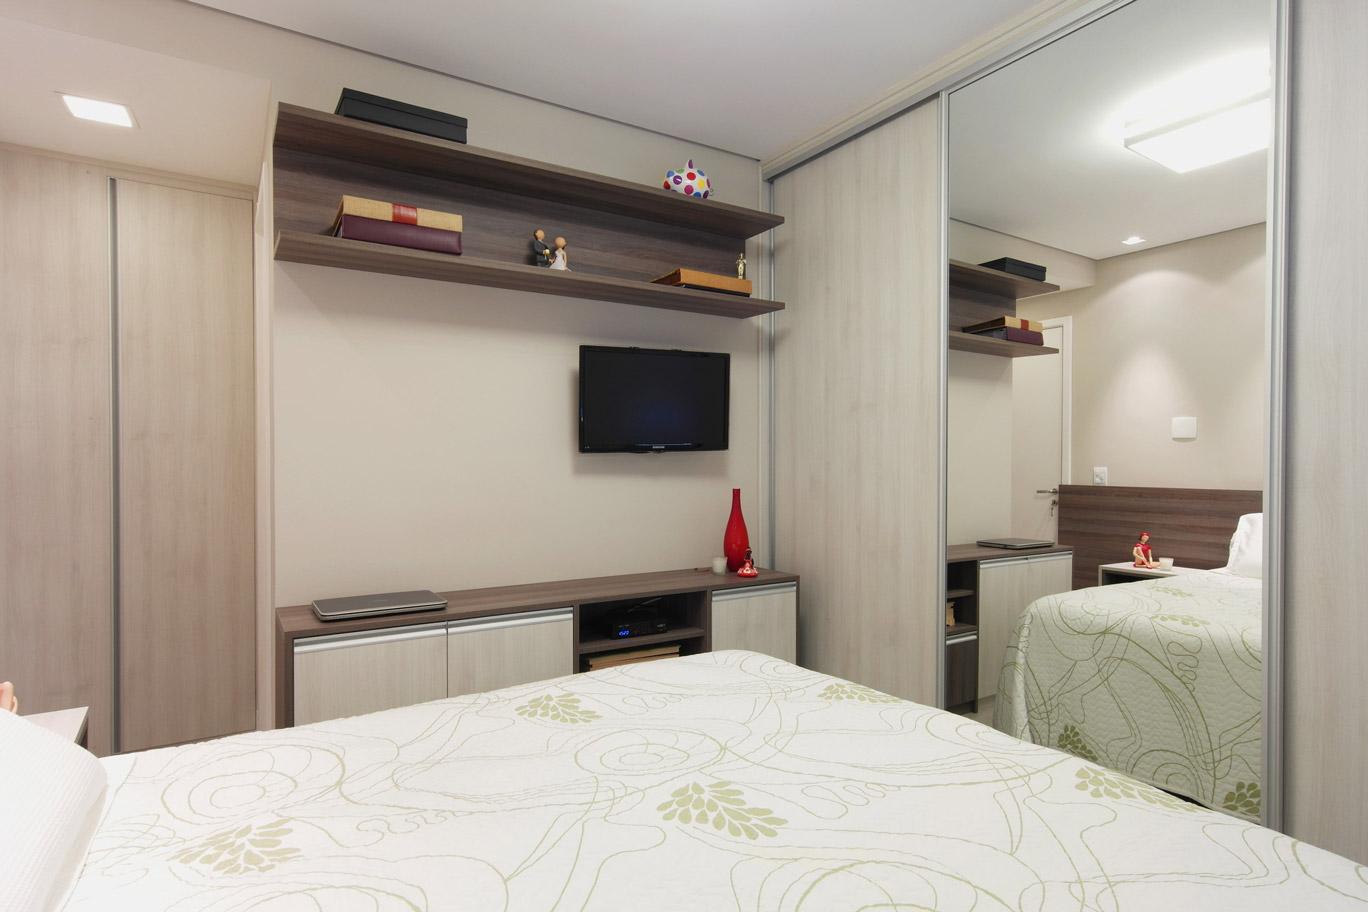 Daniela-Marques-Arquitetura-014-Dormitorio-Casal-Armario-Espelho.jpg